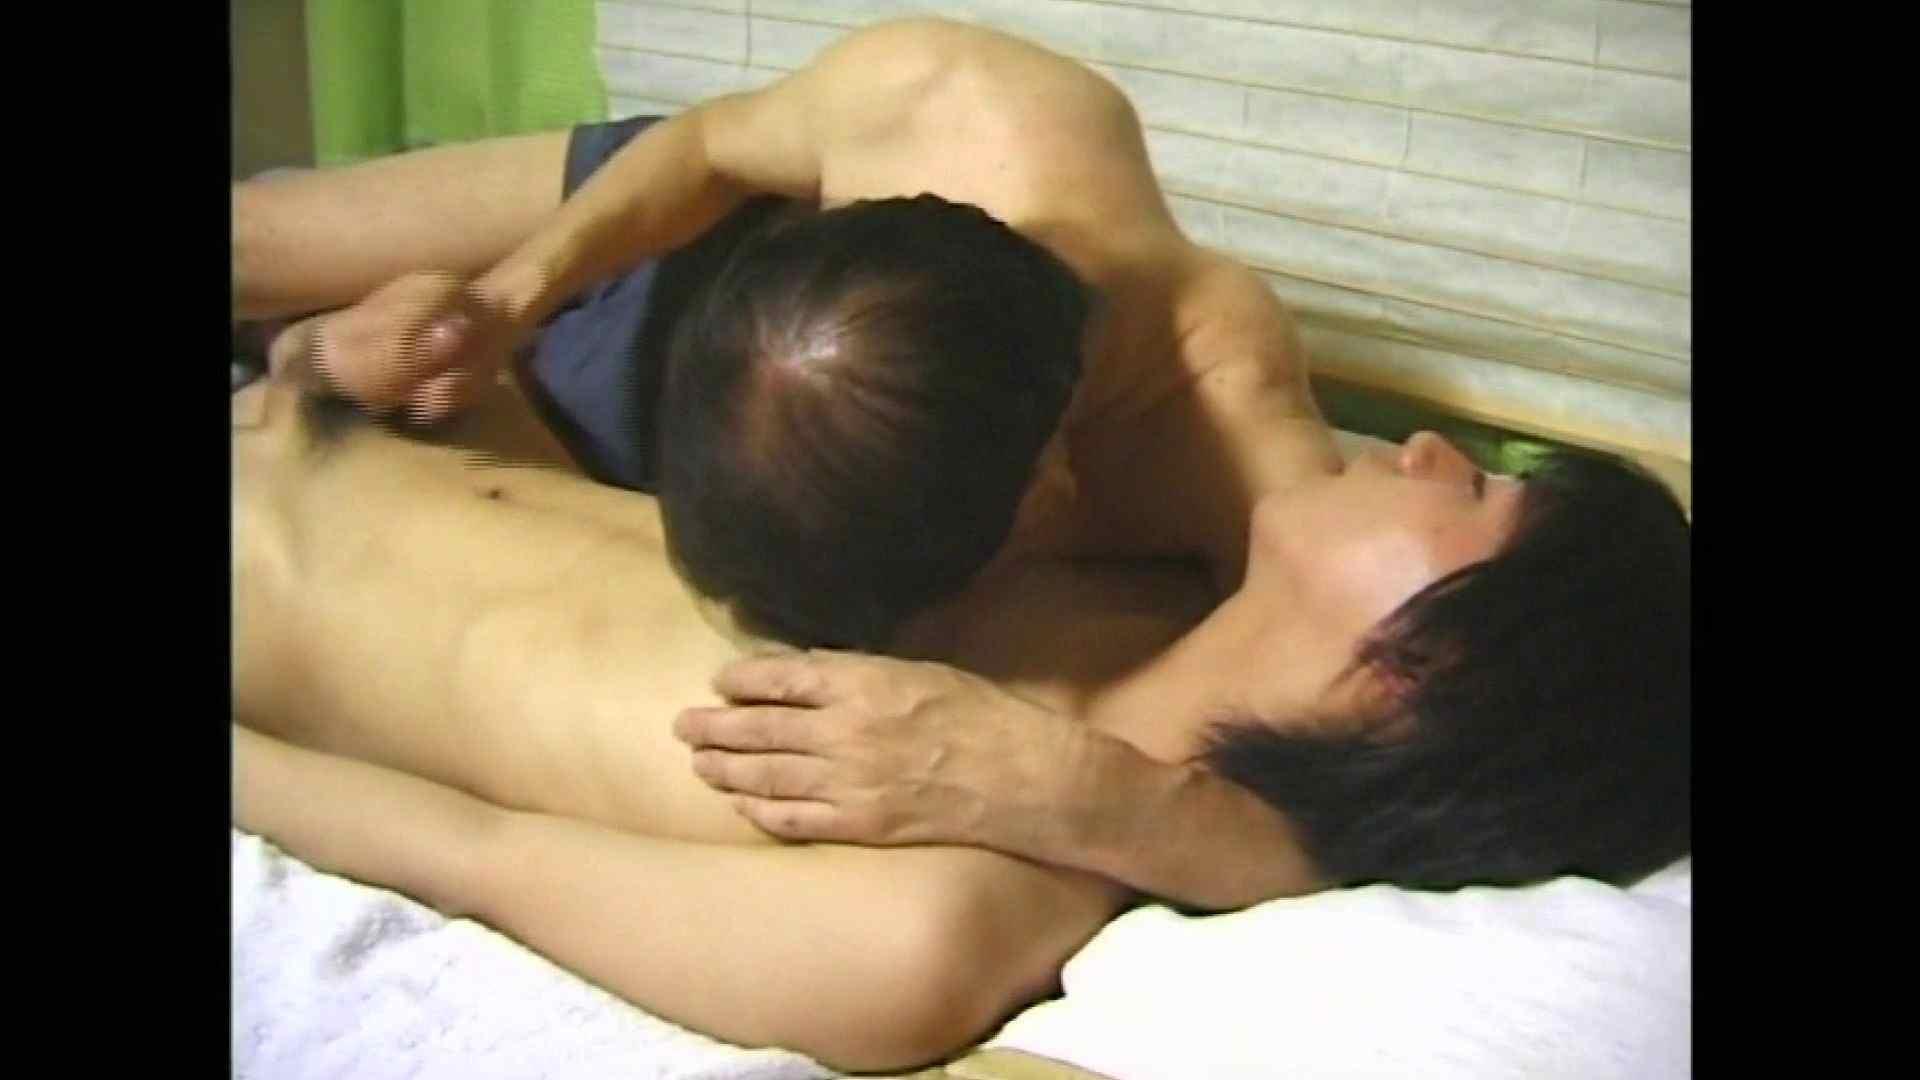 GAYBOY宏のオカズ倉庫Vol.1-2 入浴・シャワー ゲイAV画像 82枚 5